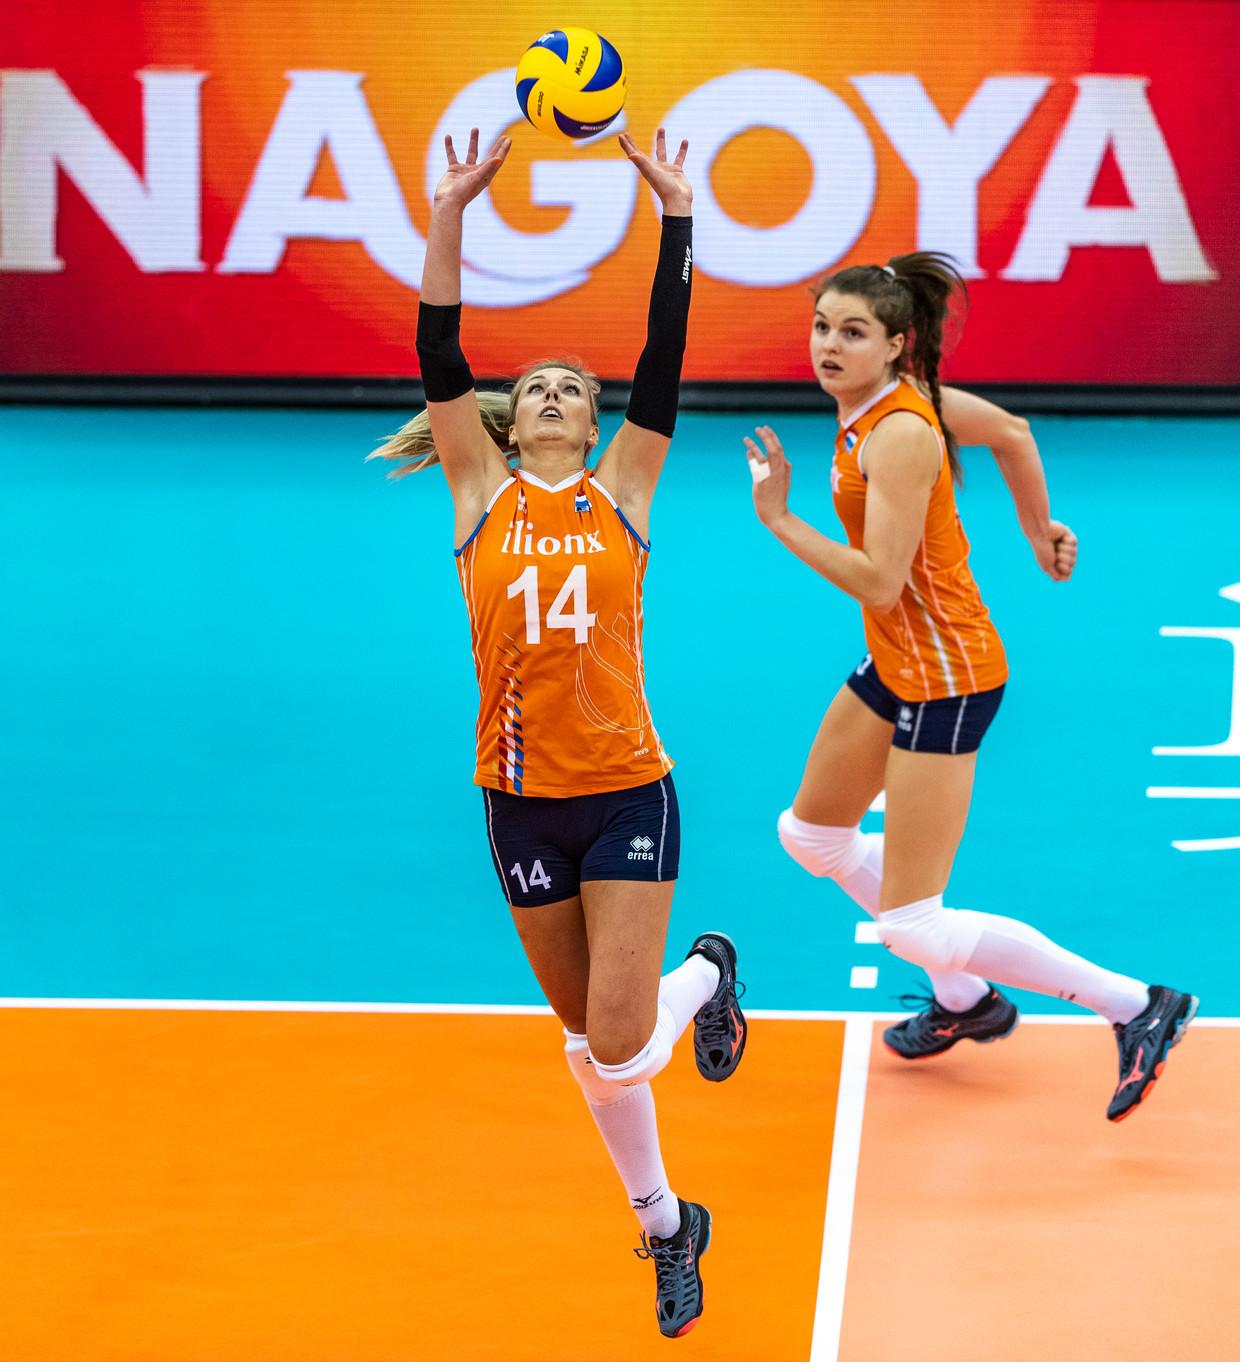 Laura Dijkema (#14) tijdens het wereldkampioenschap volleybal in Nagoya, Japan